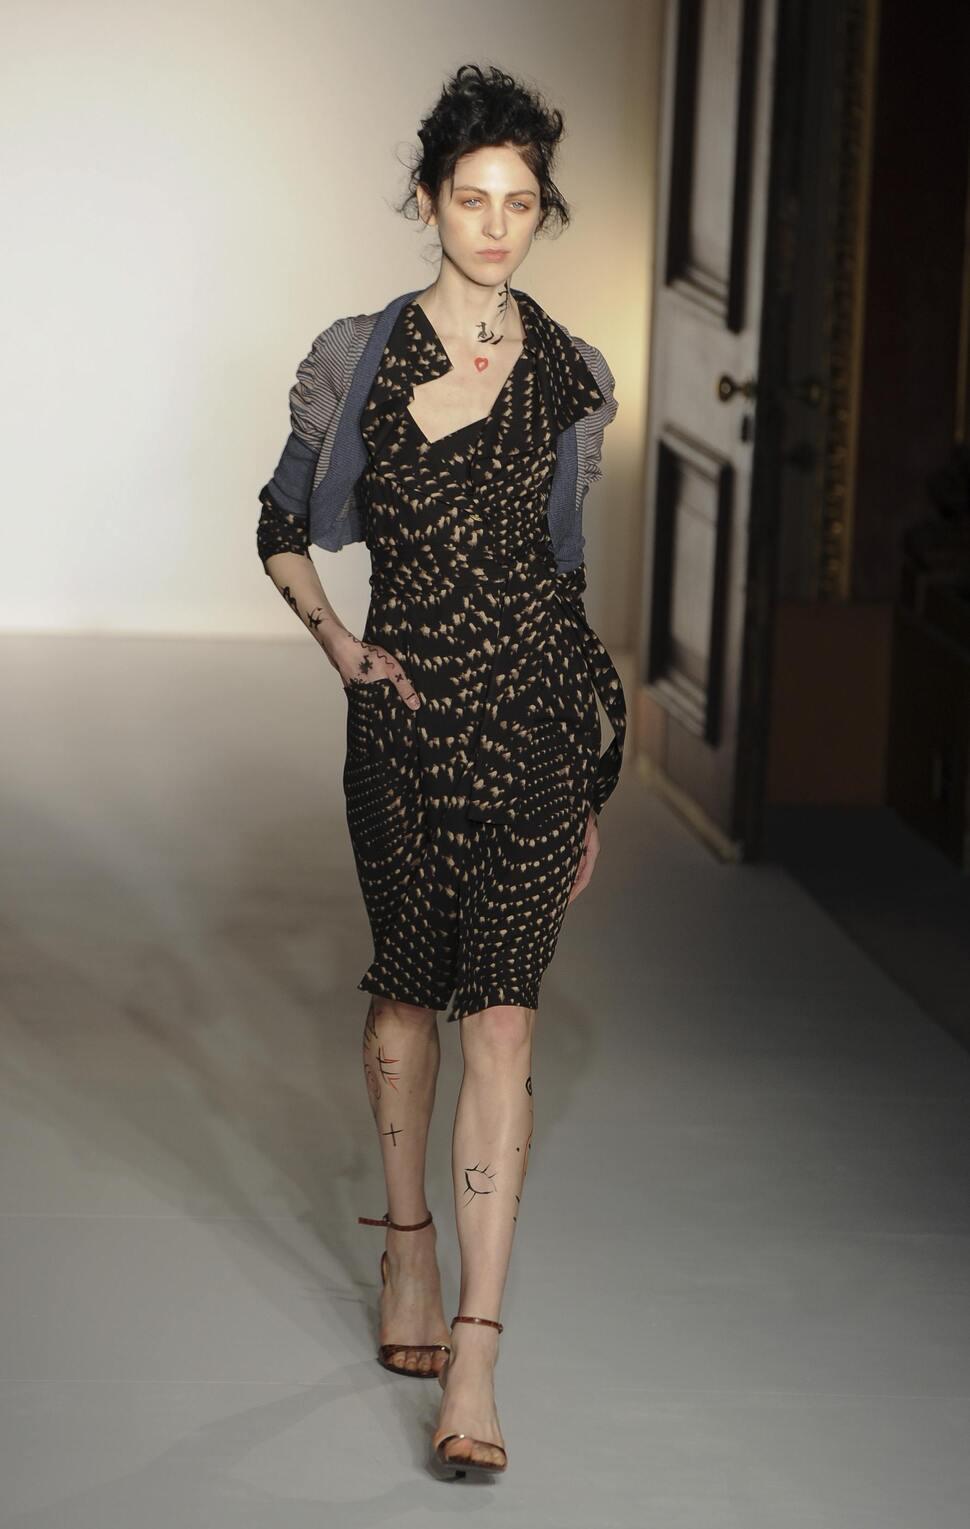 Модный показ Vivienne Westwood. Осень / зима 2012-2013